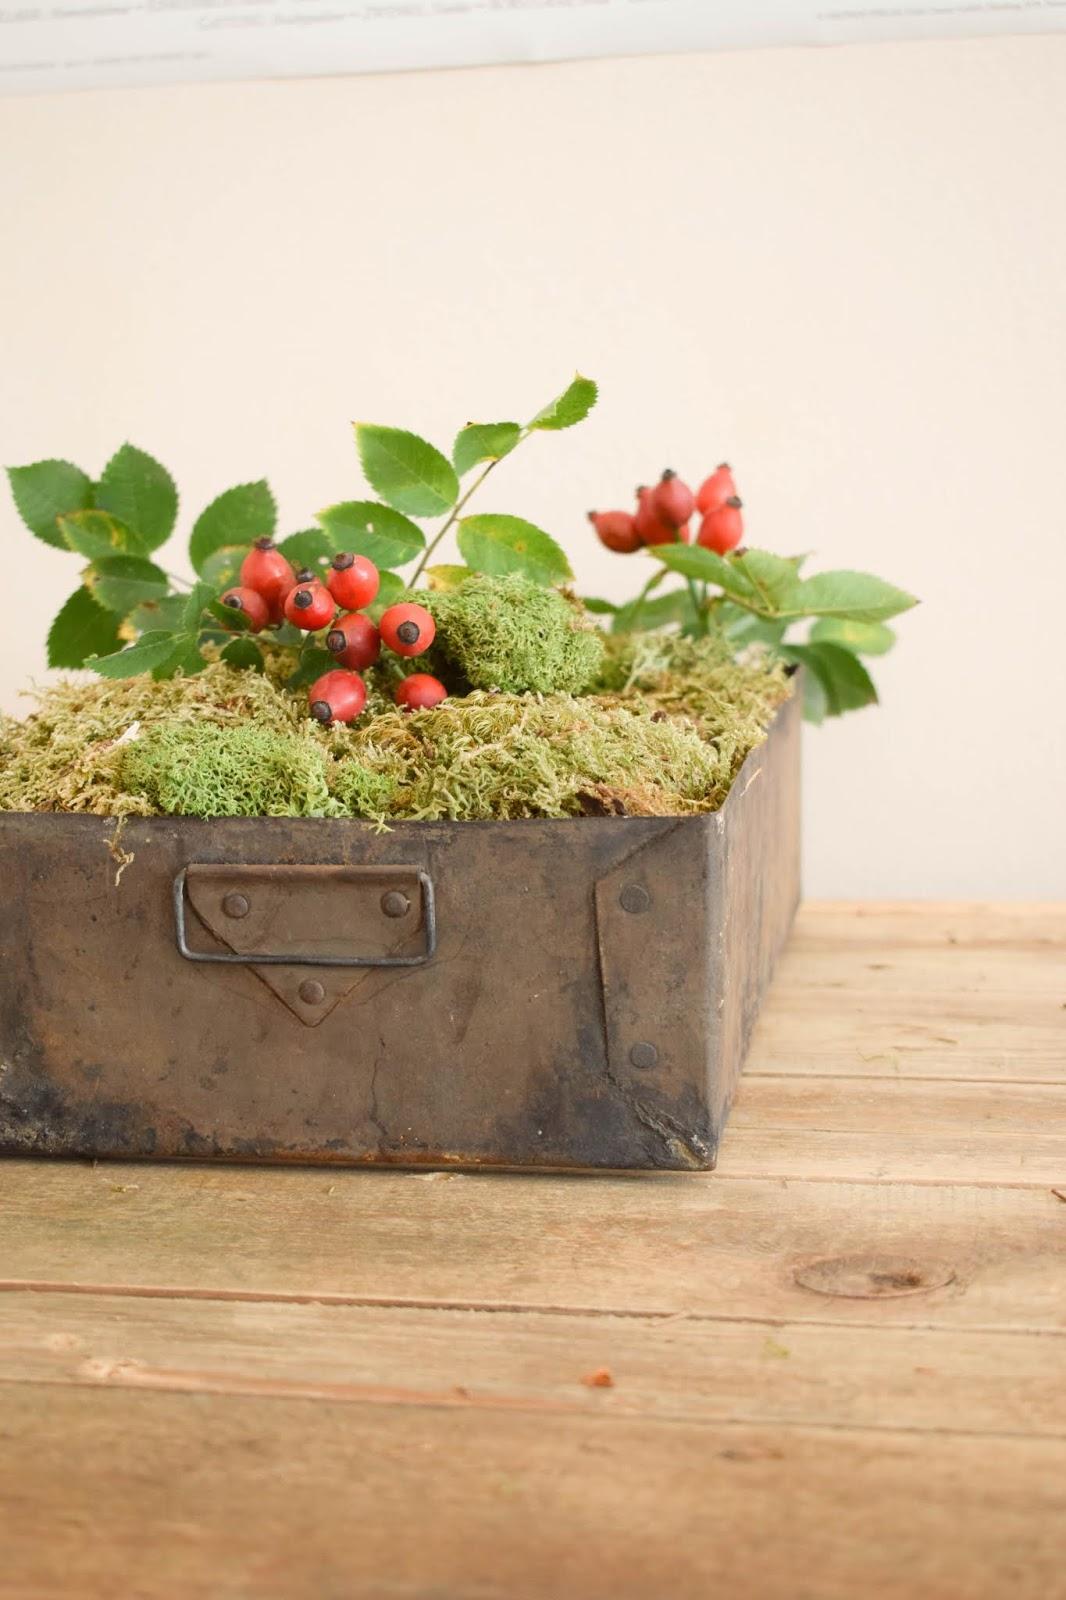 Herbstliche Deko für den Tisch, Sideboard und Konsole. Dekoidee mit Moos, Hagebutte Islandmoos